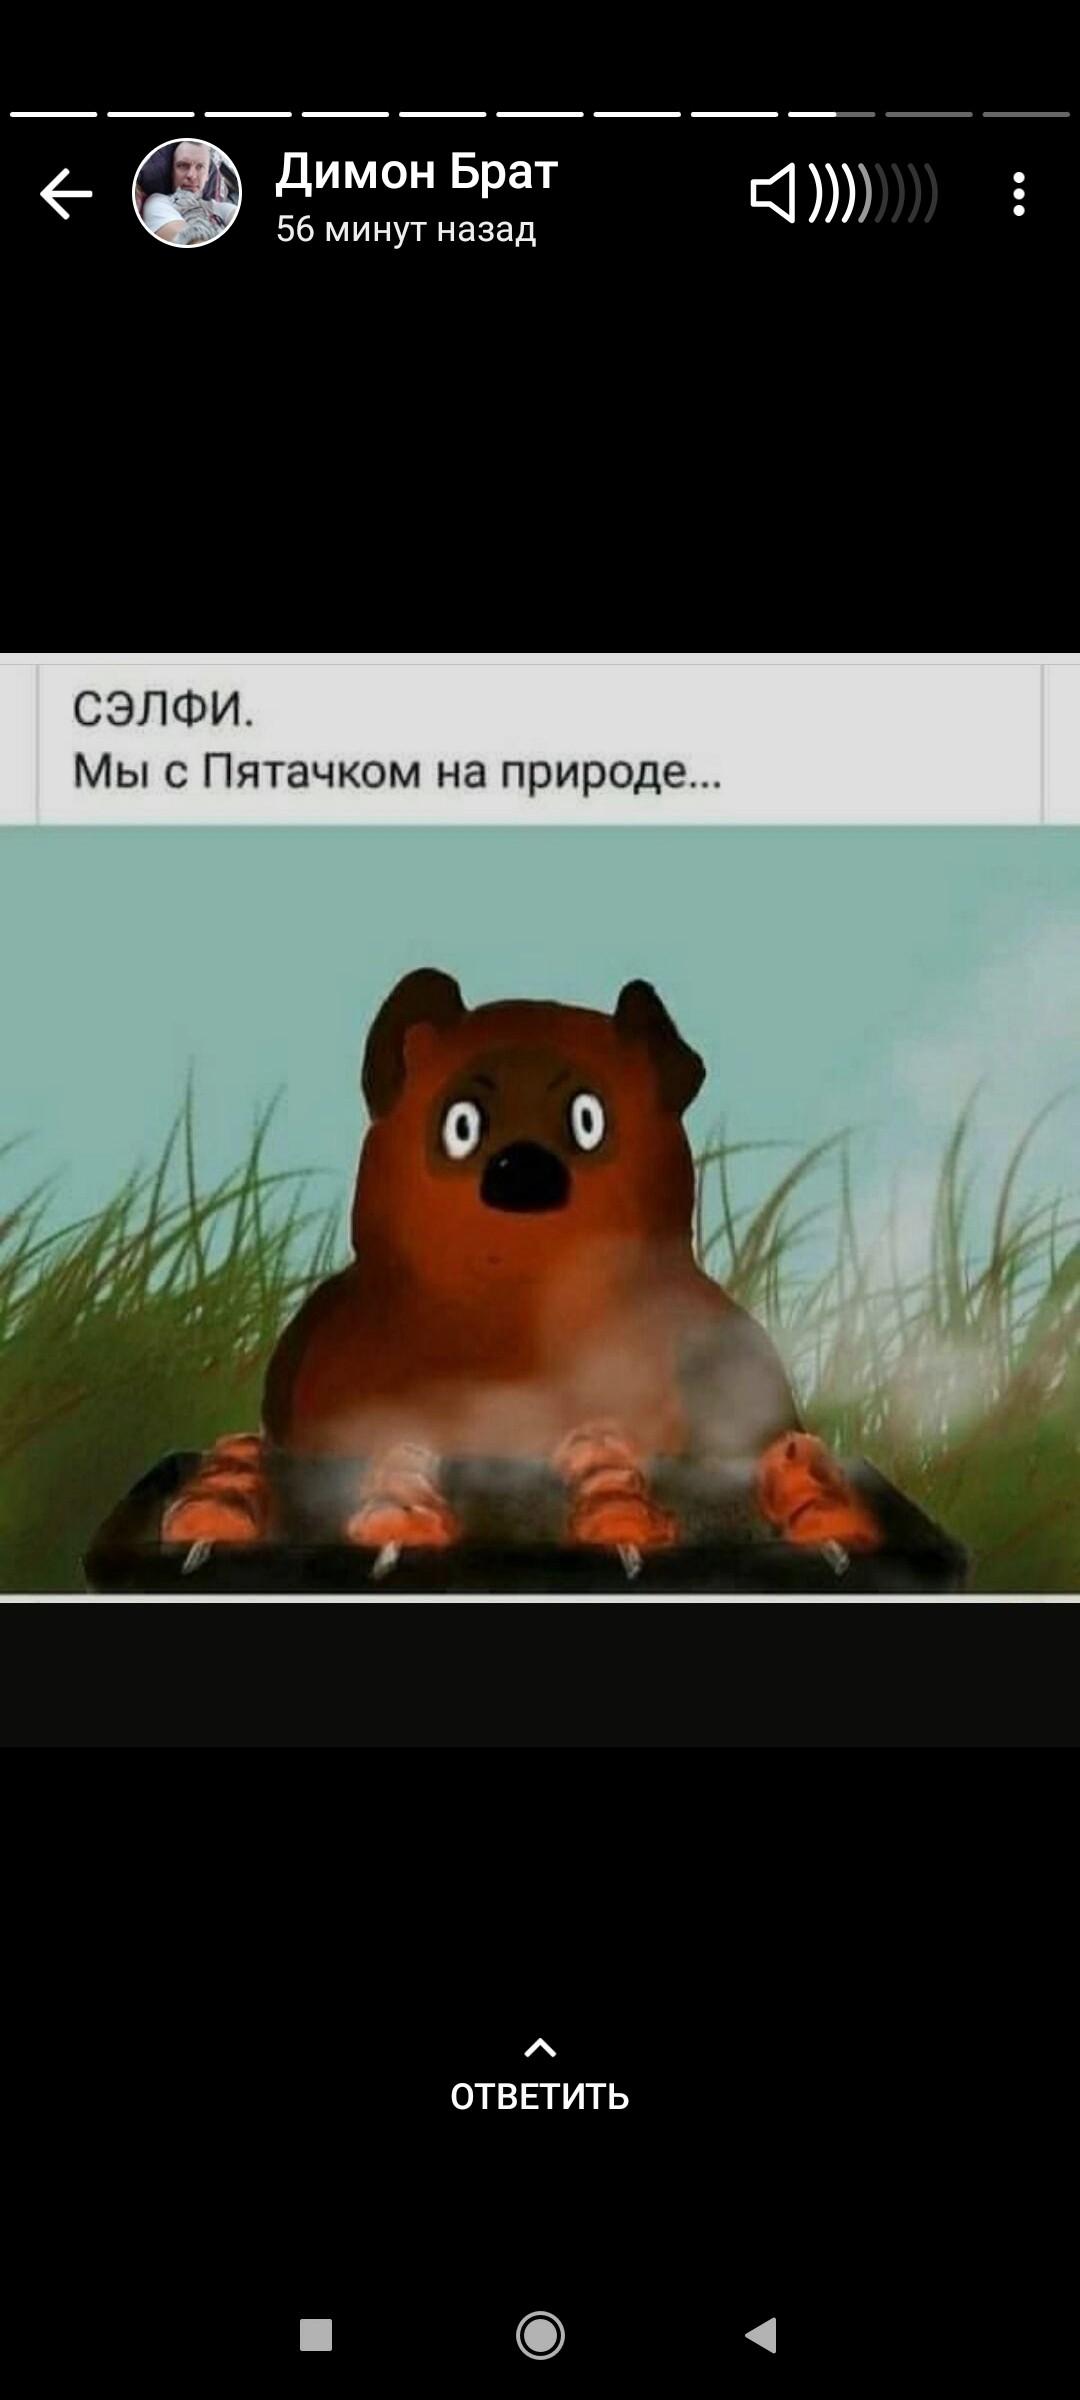 Screenshot_2020-11-29-13-29-05-949_com.whatsapp.jpg